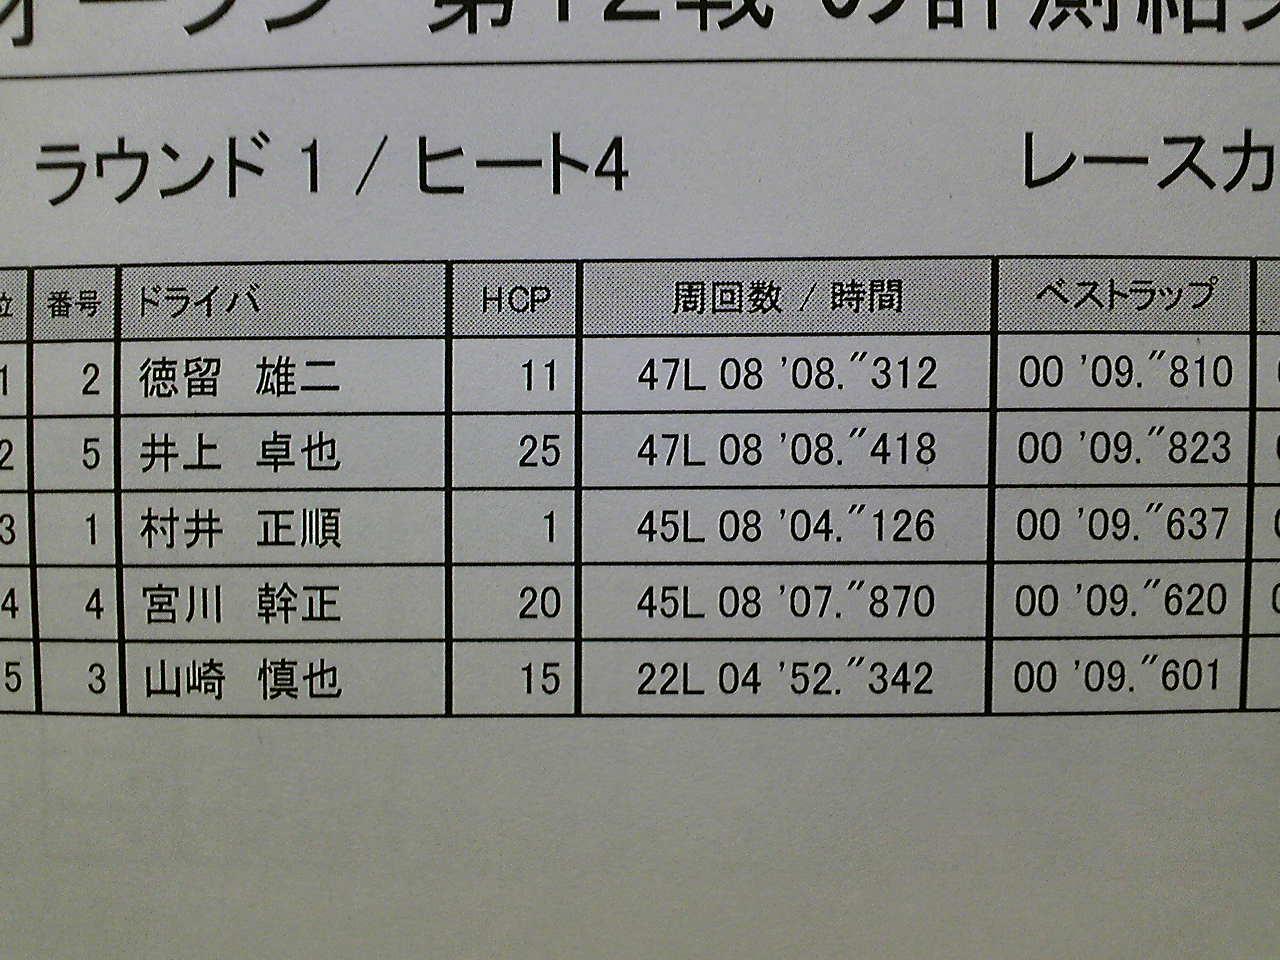 シルバーストーン・シリーズ戦 最終戦 村井正順_e0166663_9124743.jpg